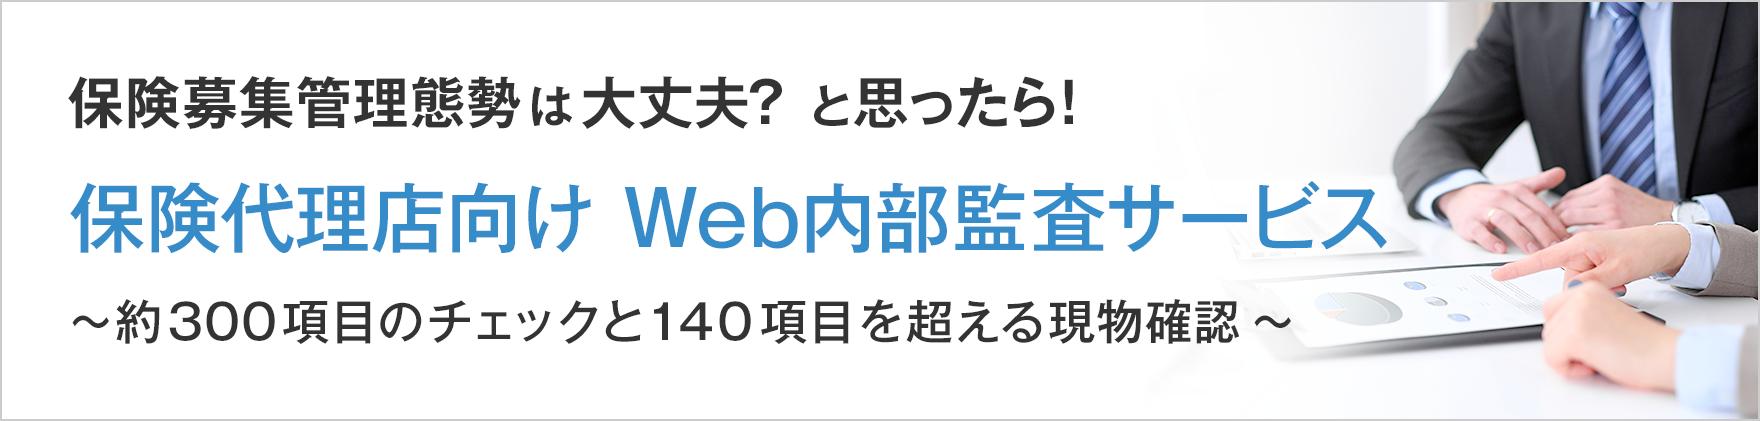 保険代理店向けWeb内部監査サービス